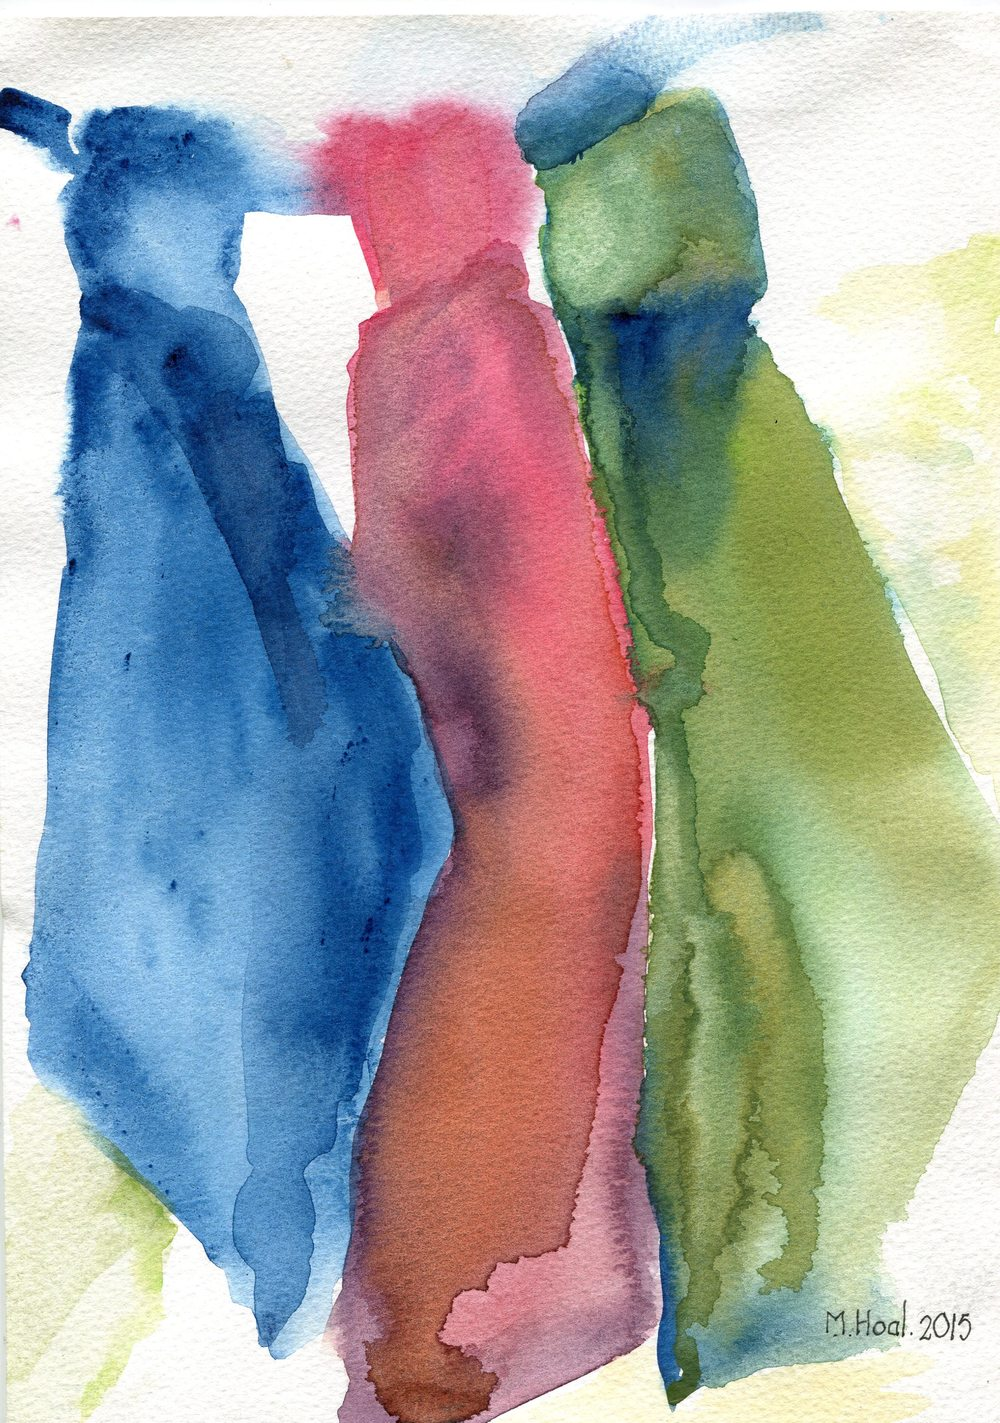 47a Hoal, Margaret- Ties, Watercolour.jpg